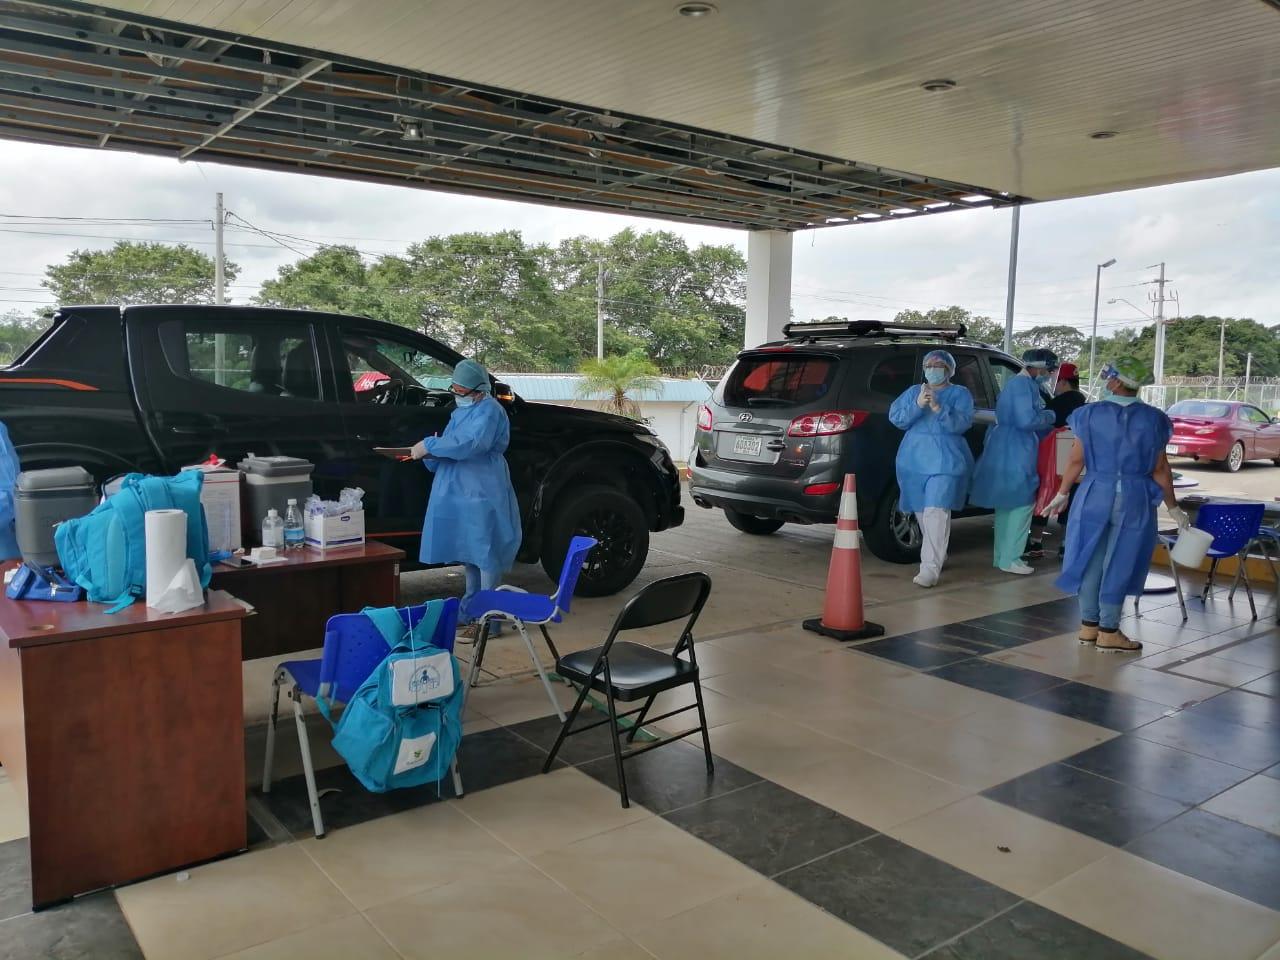 Más de 400 personas han utilizado el auto rápido de Dolega para vacunarse contra la influenza